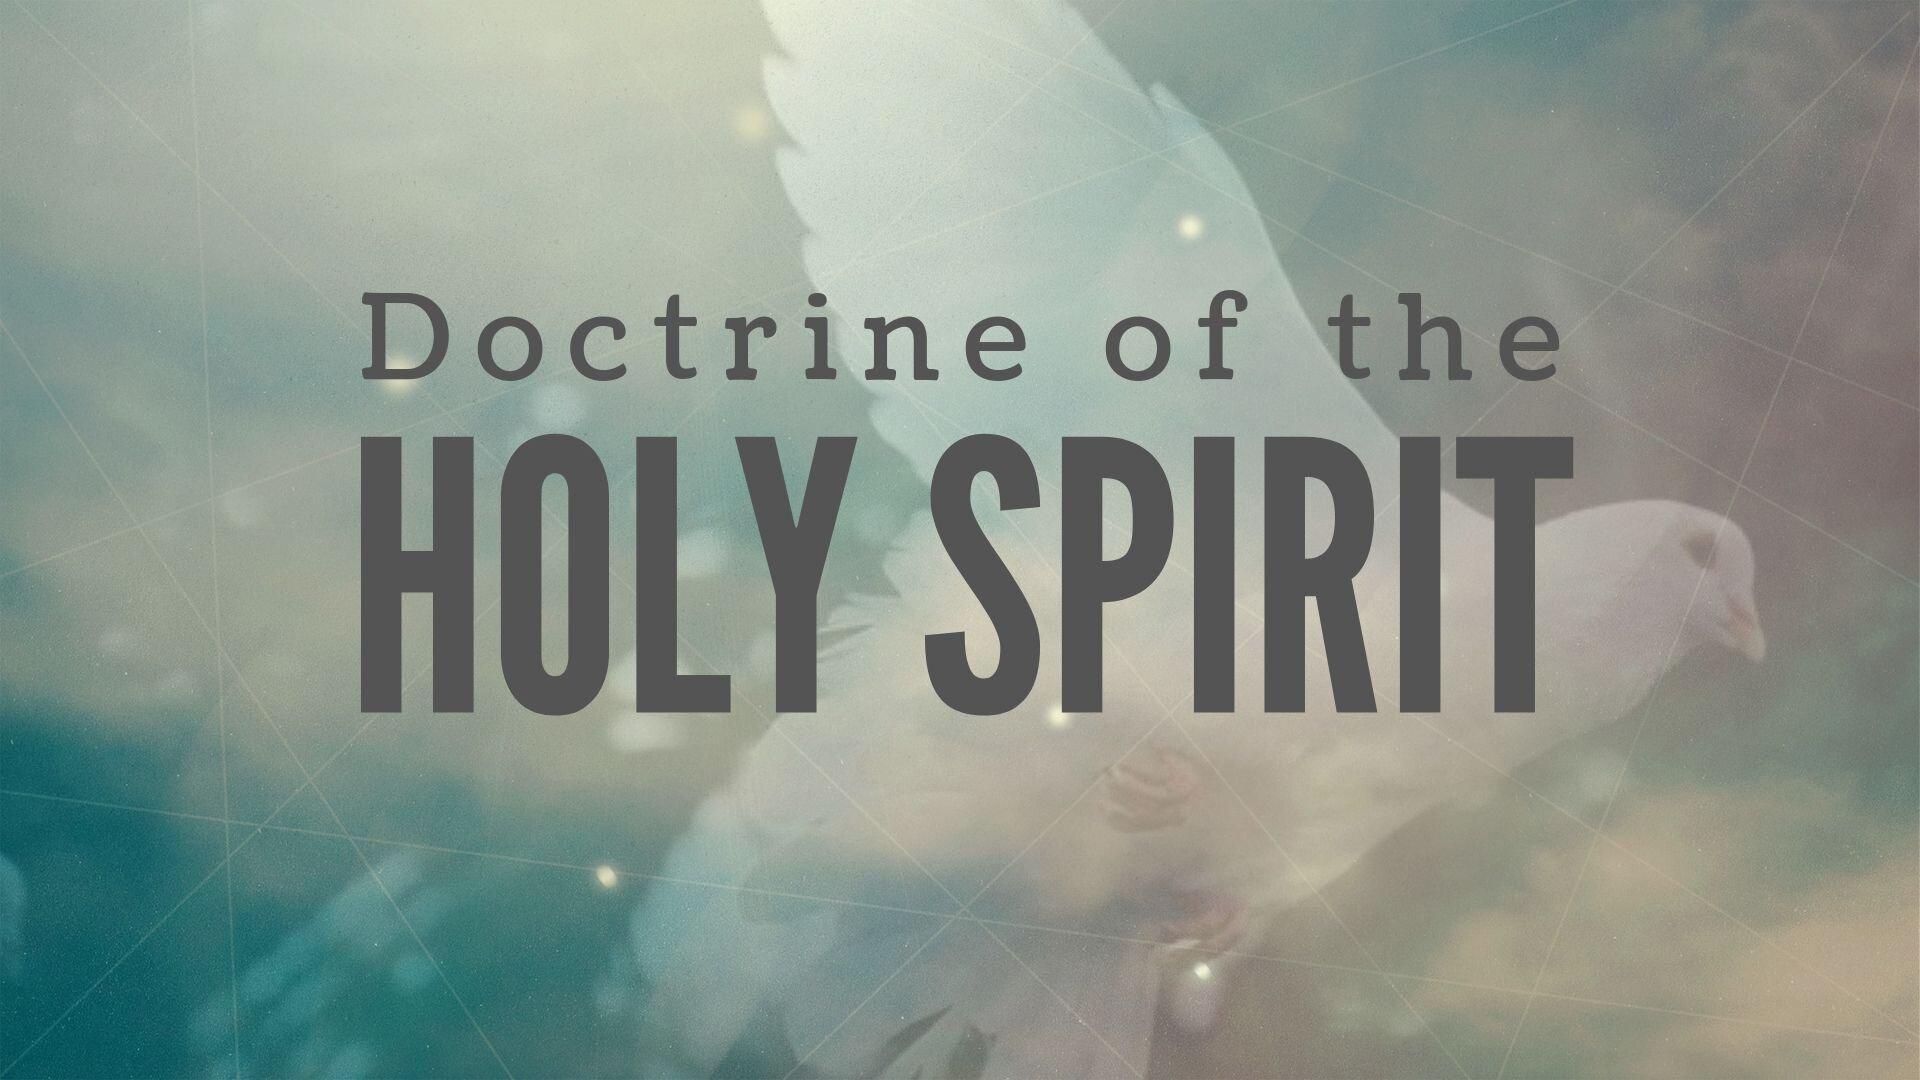 Doctrine of the Holy Spirit.jpg